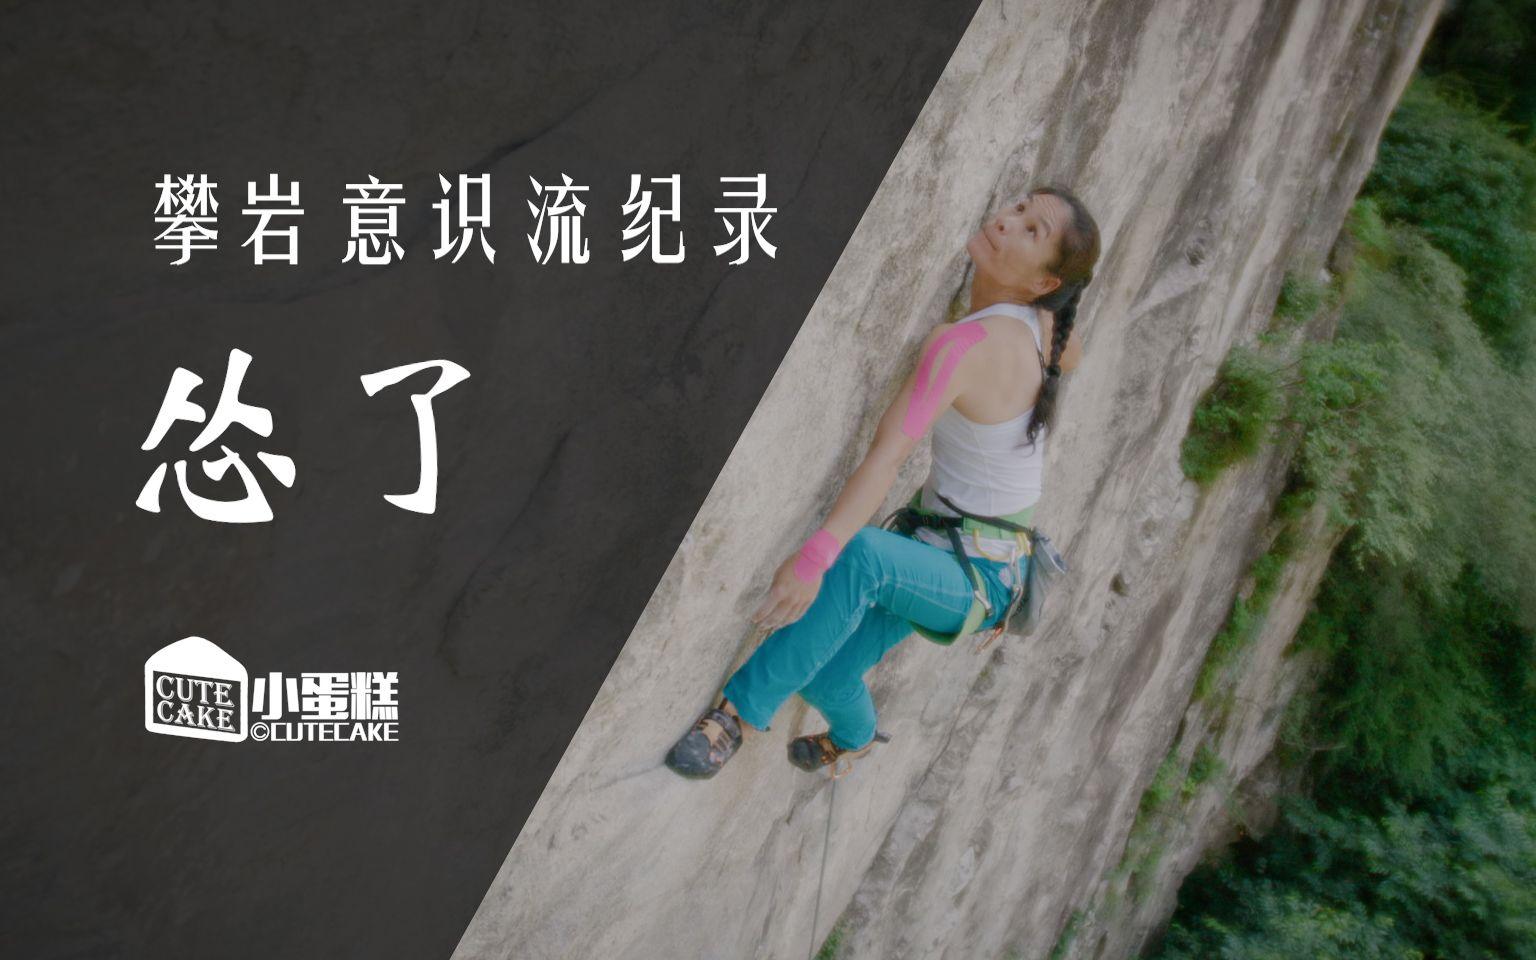 《怂了》意识流攀岩纪录片